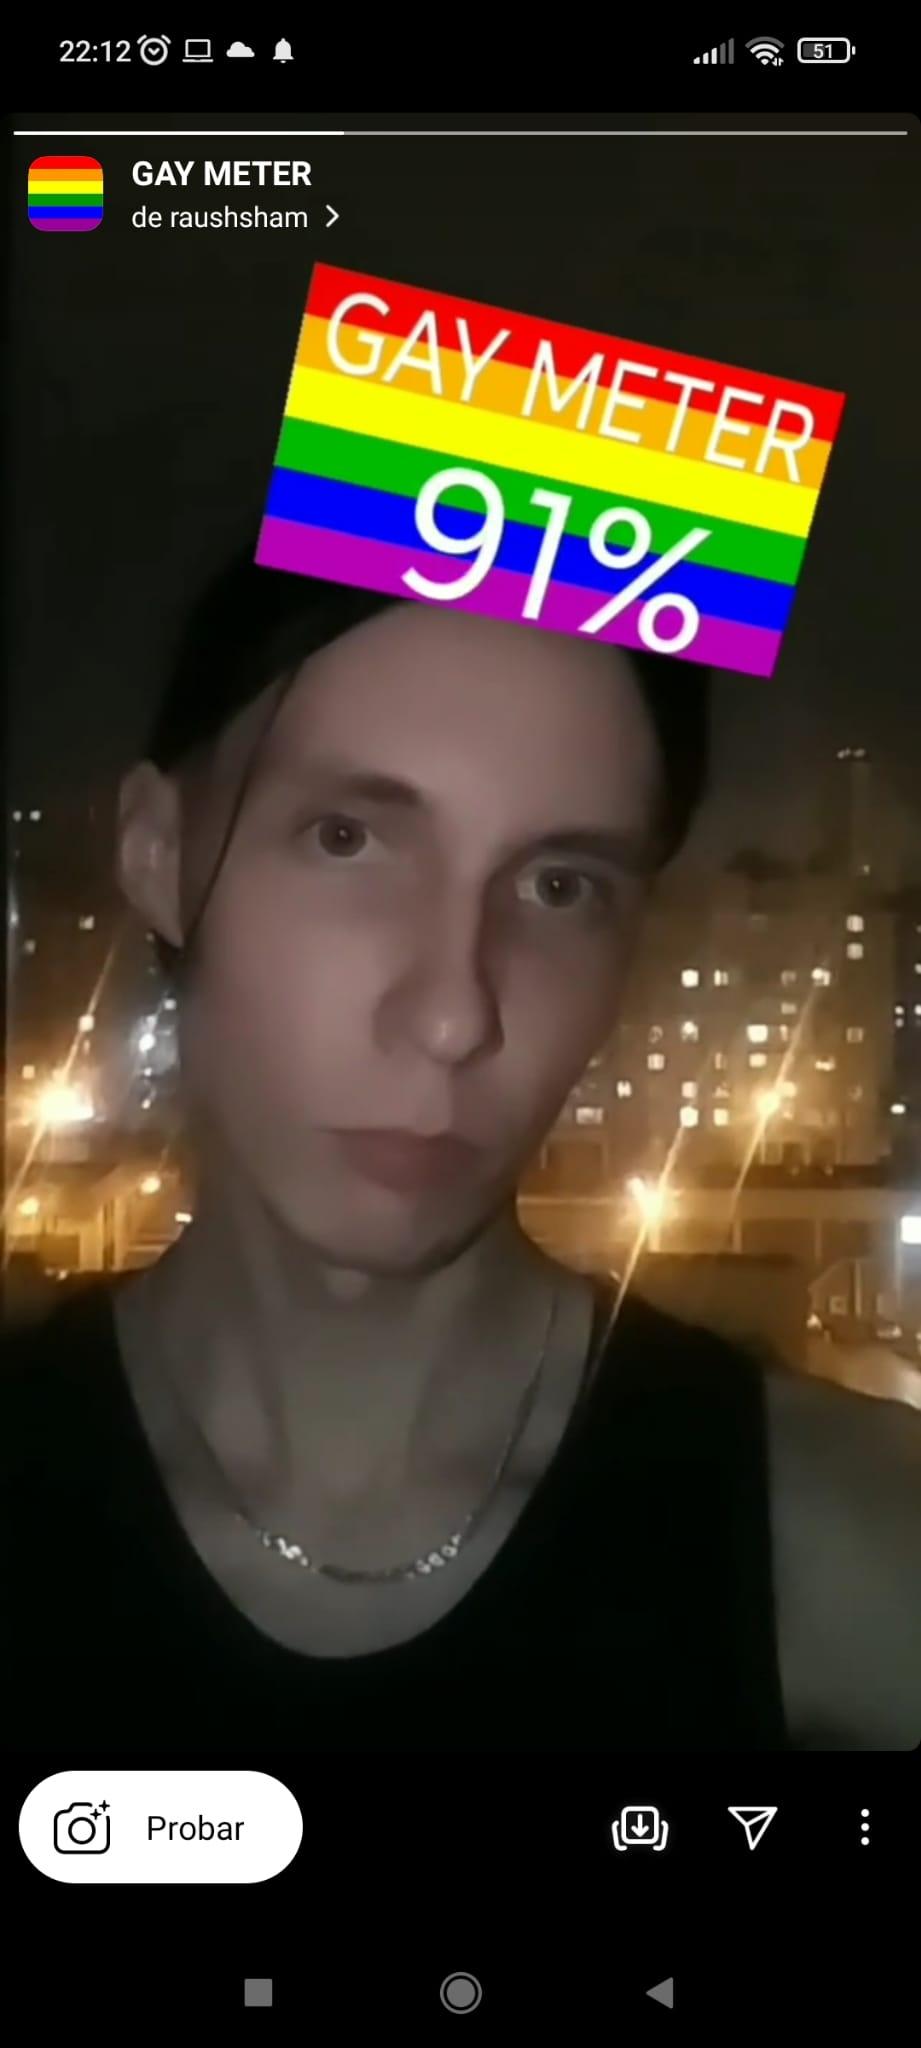 Gay meter